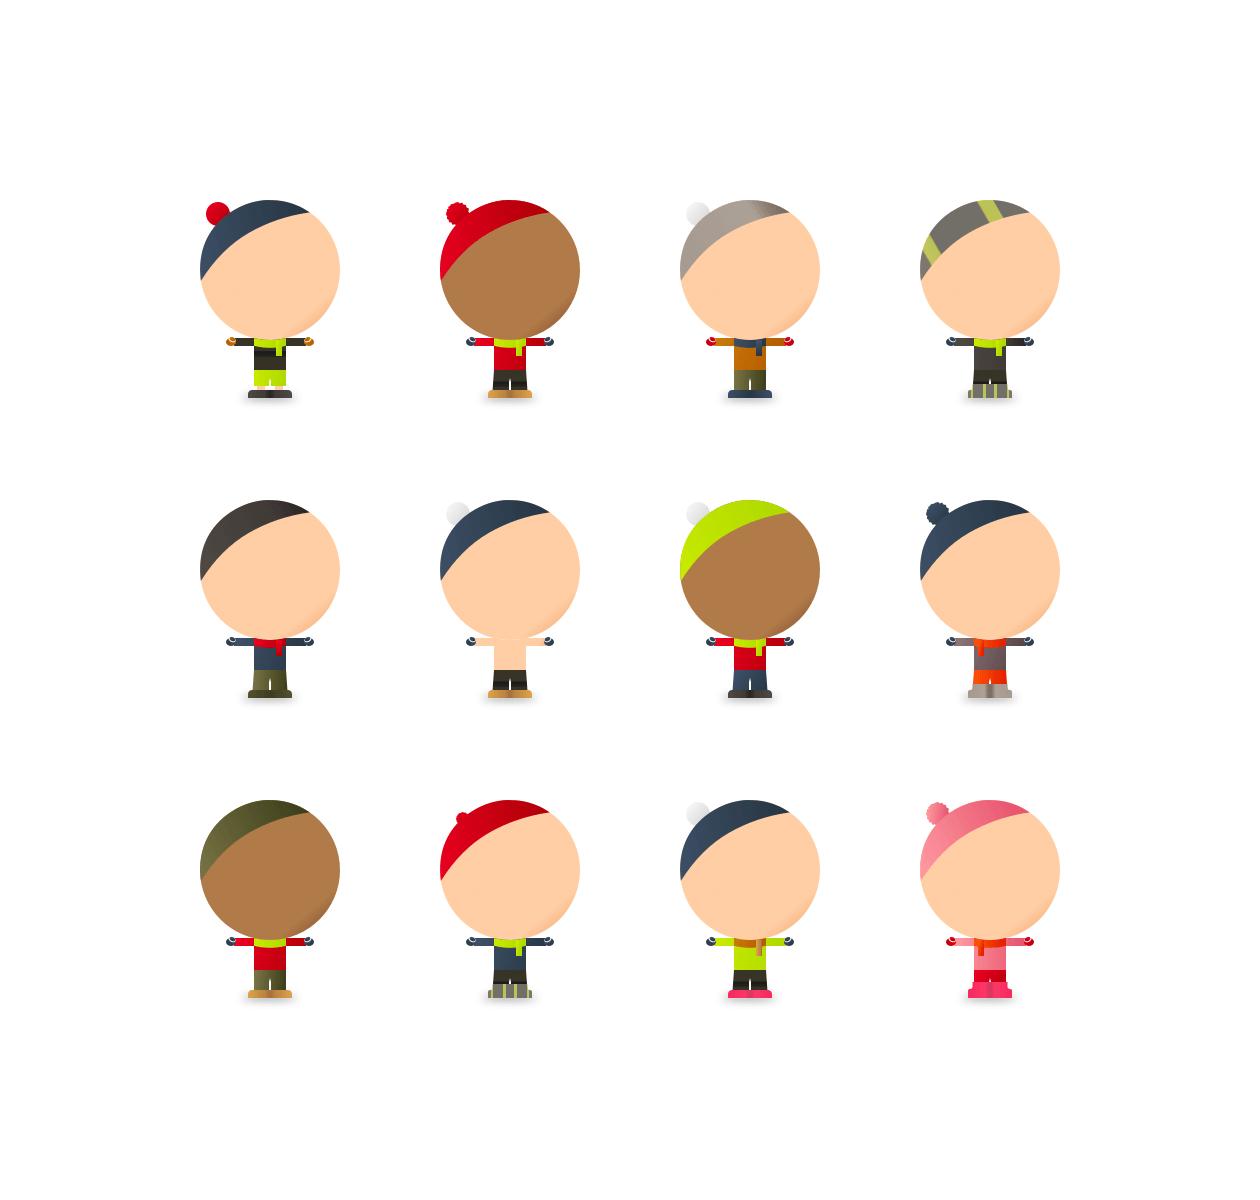 Různé barevné varianty panáčků.